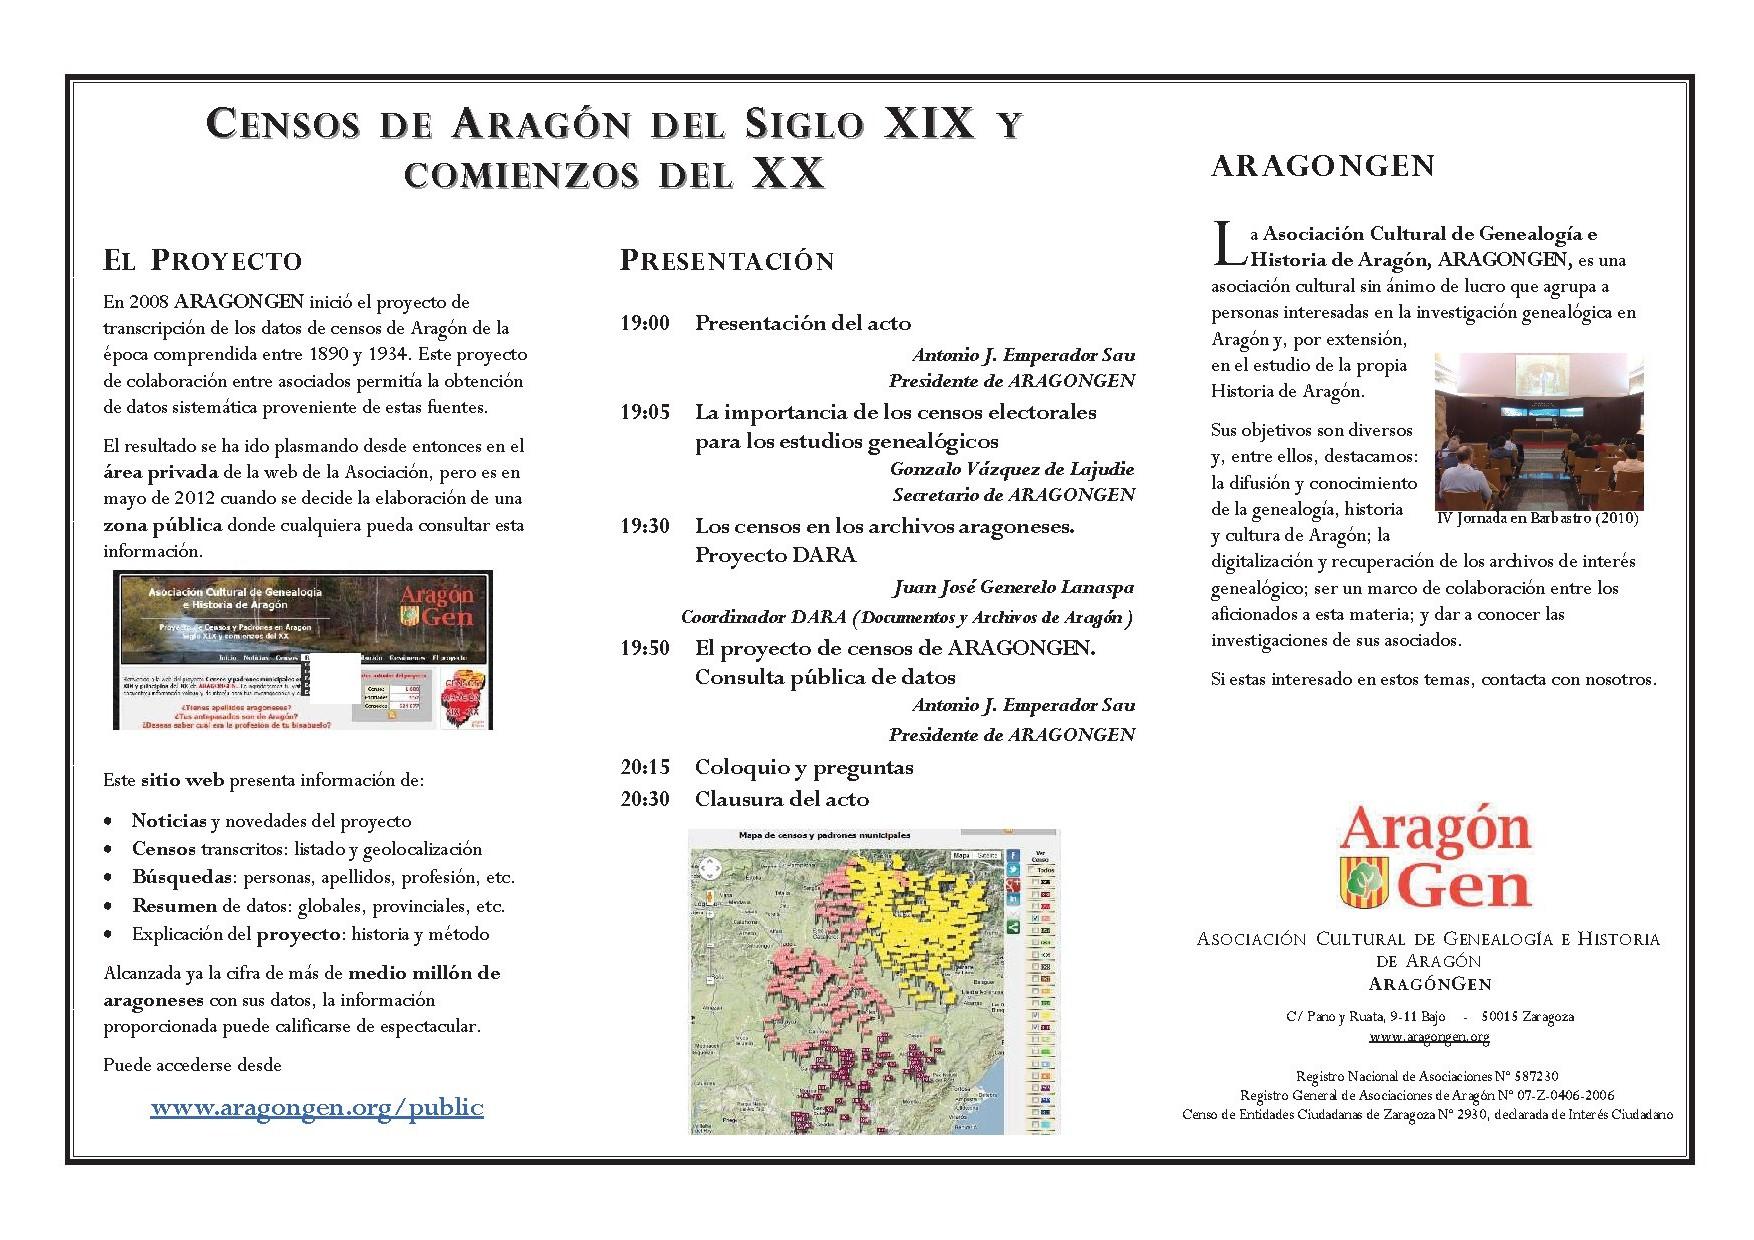 acto de presentación del proyecto de censos en aragón aragongen